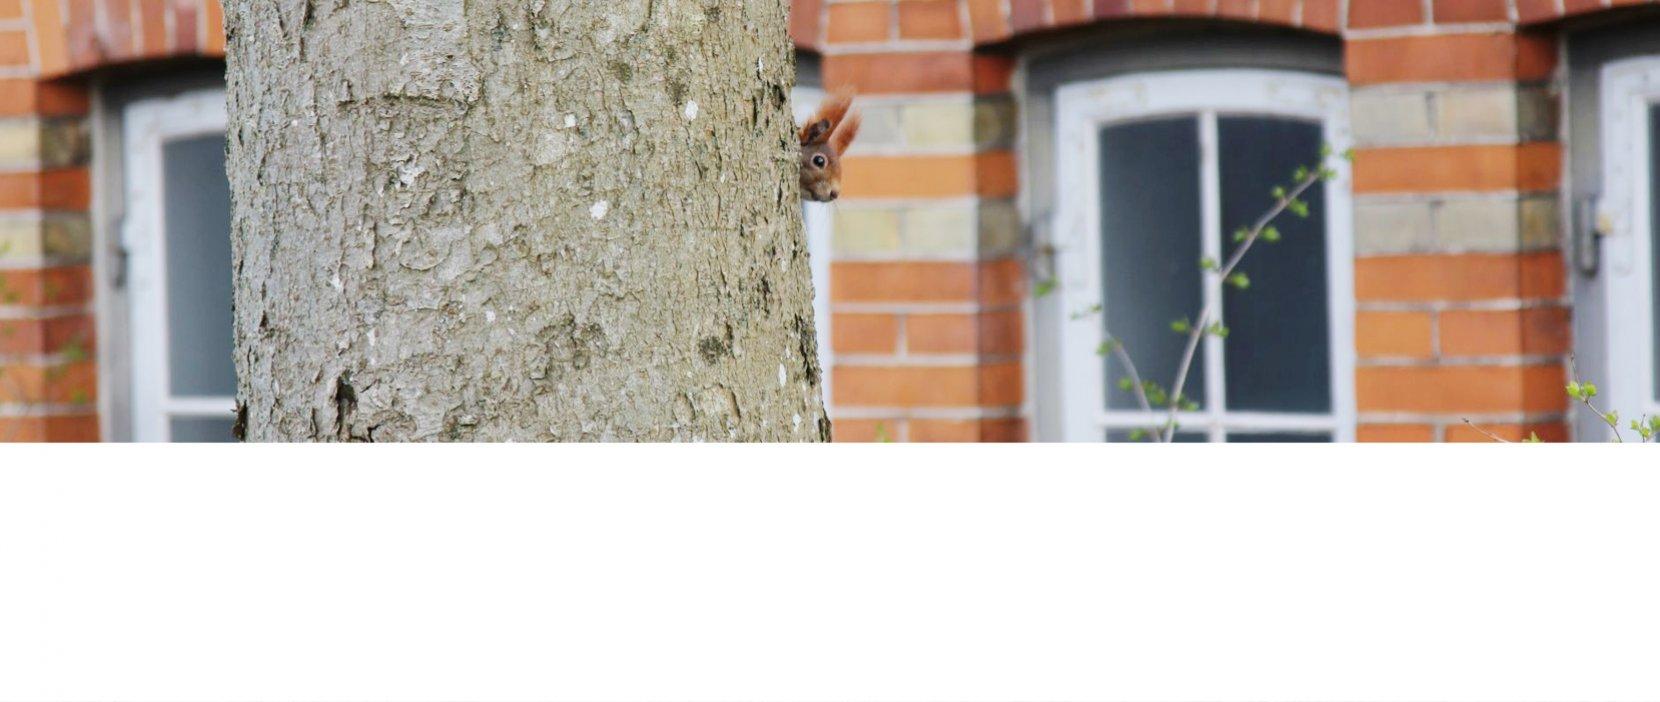 Egern gemmer sig bag træstamme